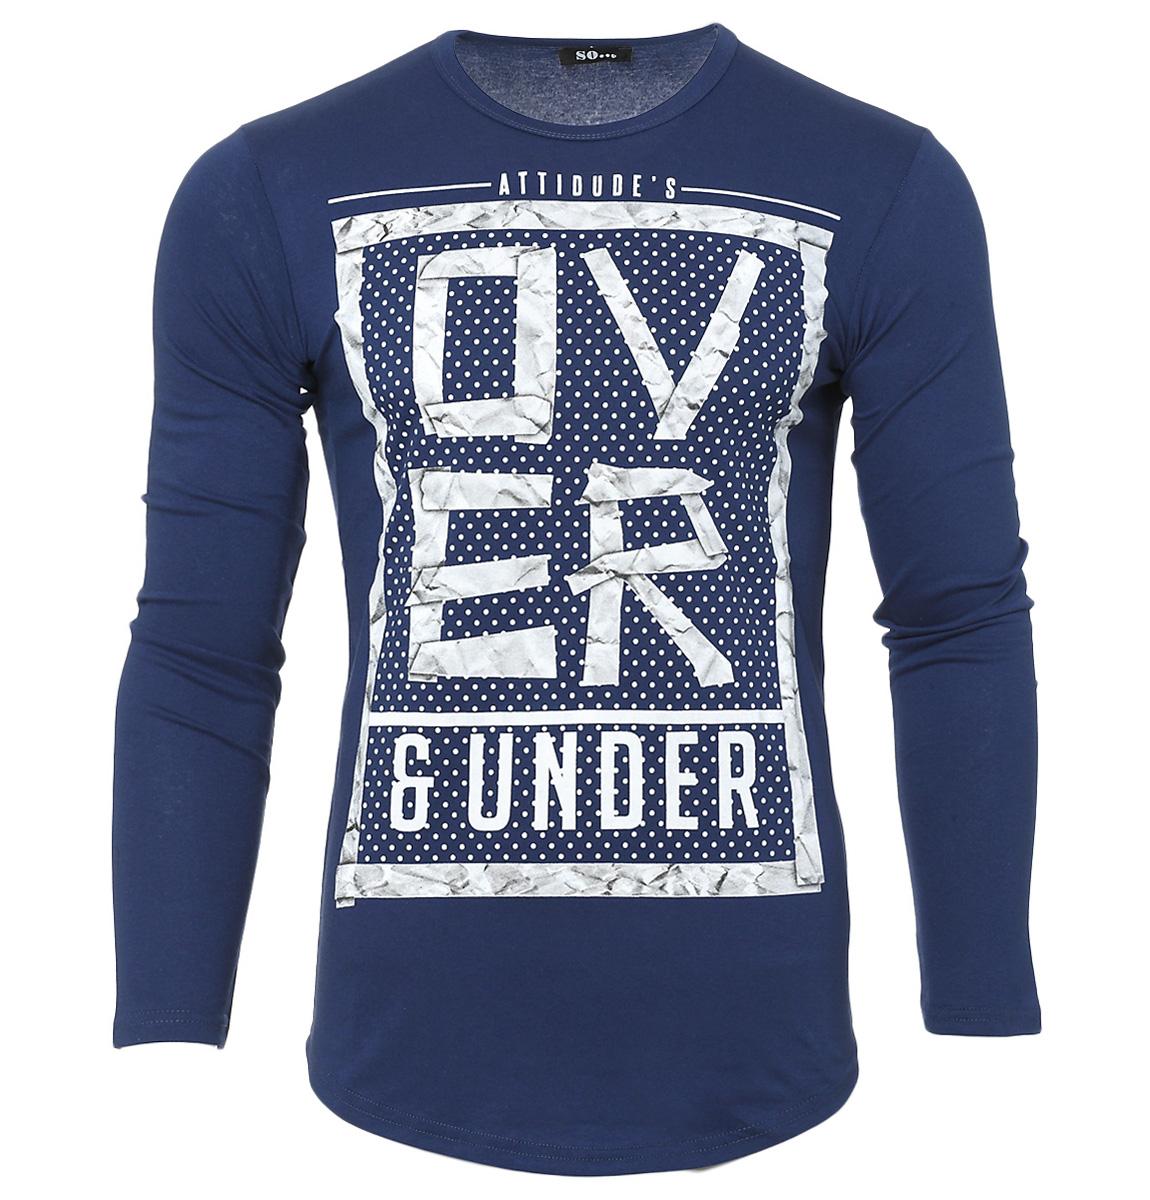 Ανδρική Μπλούζα Over-Μπλε αρχική ανδρικά ρούχα μπλούζες